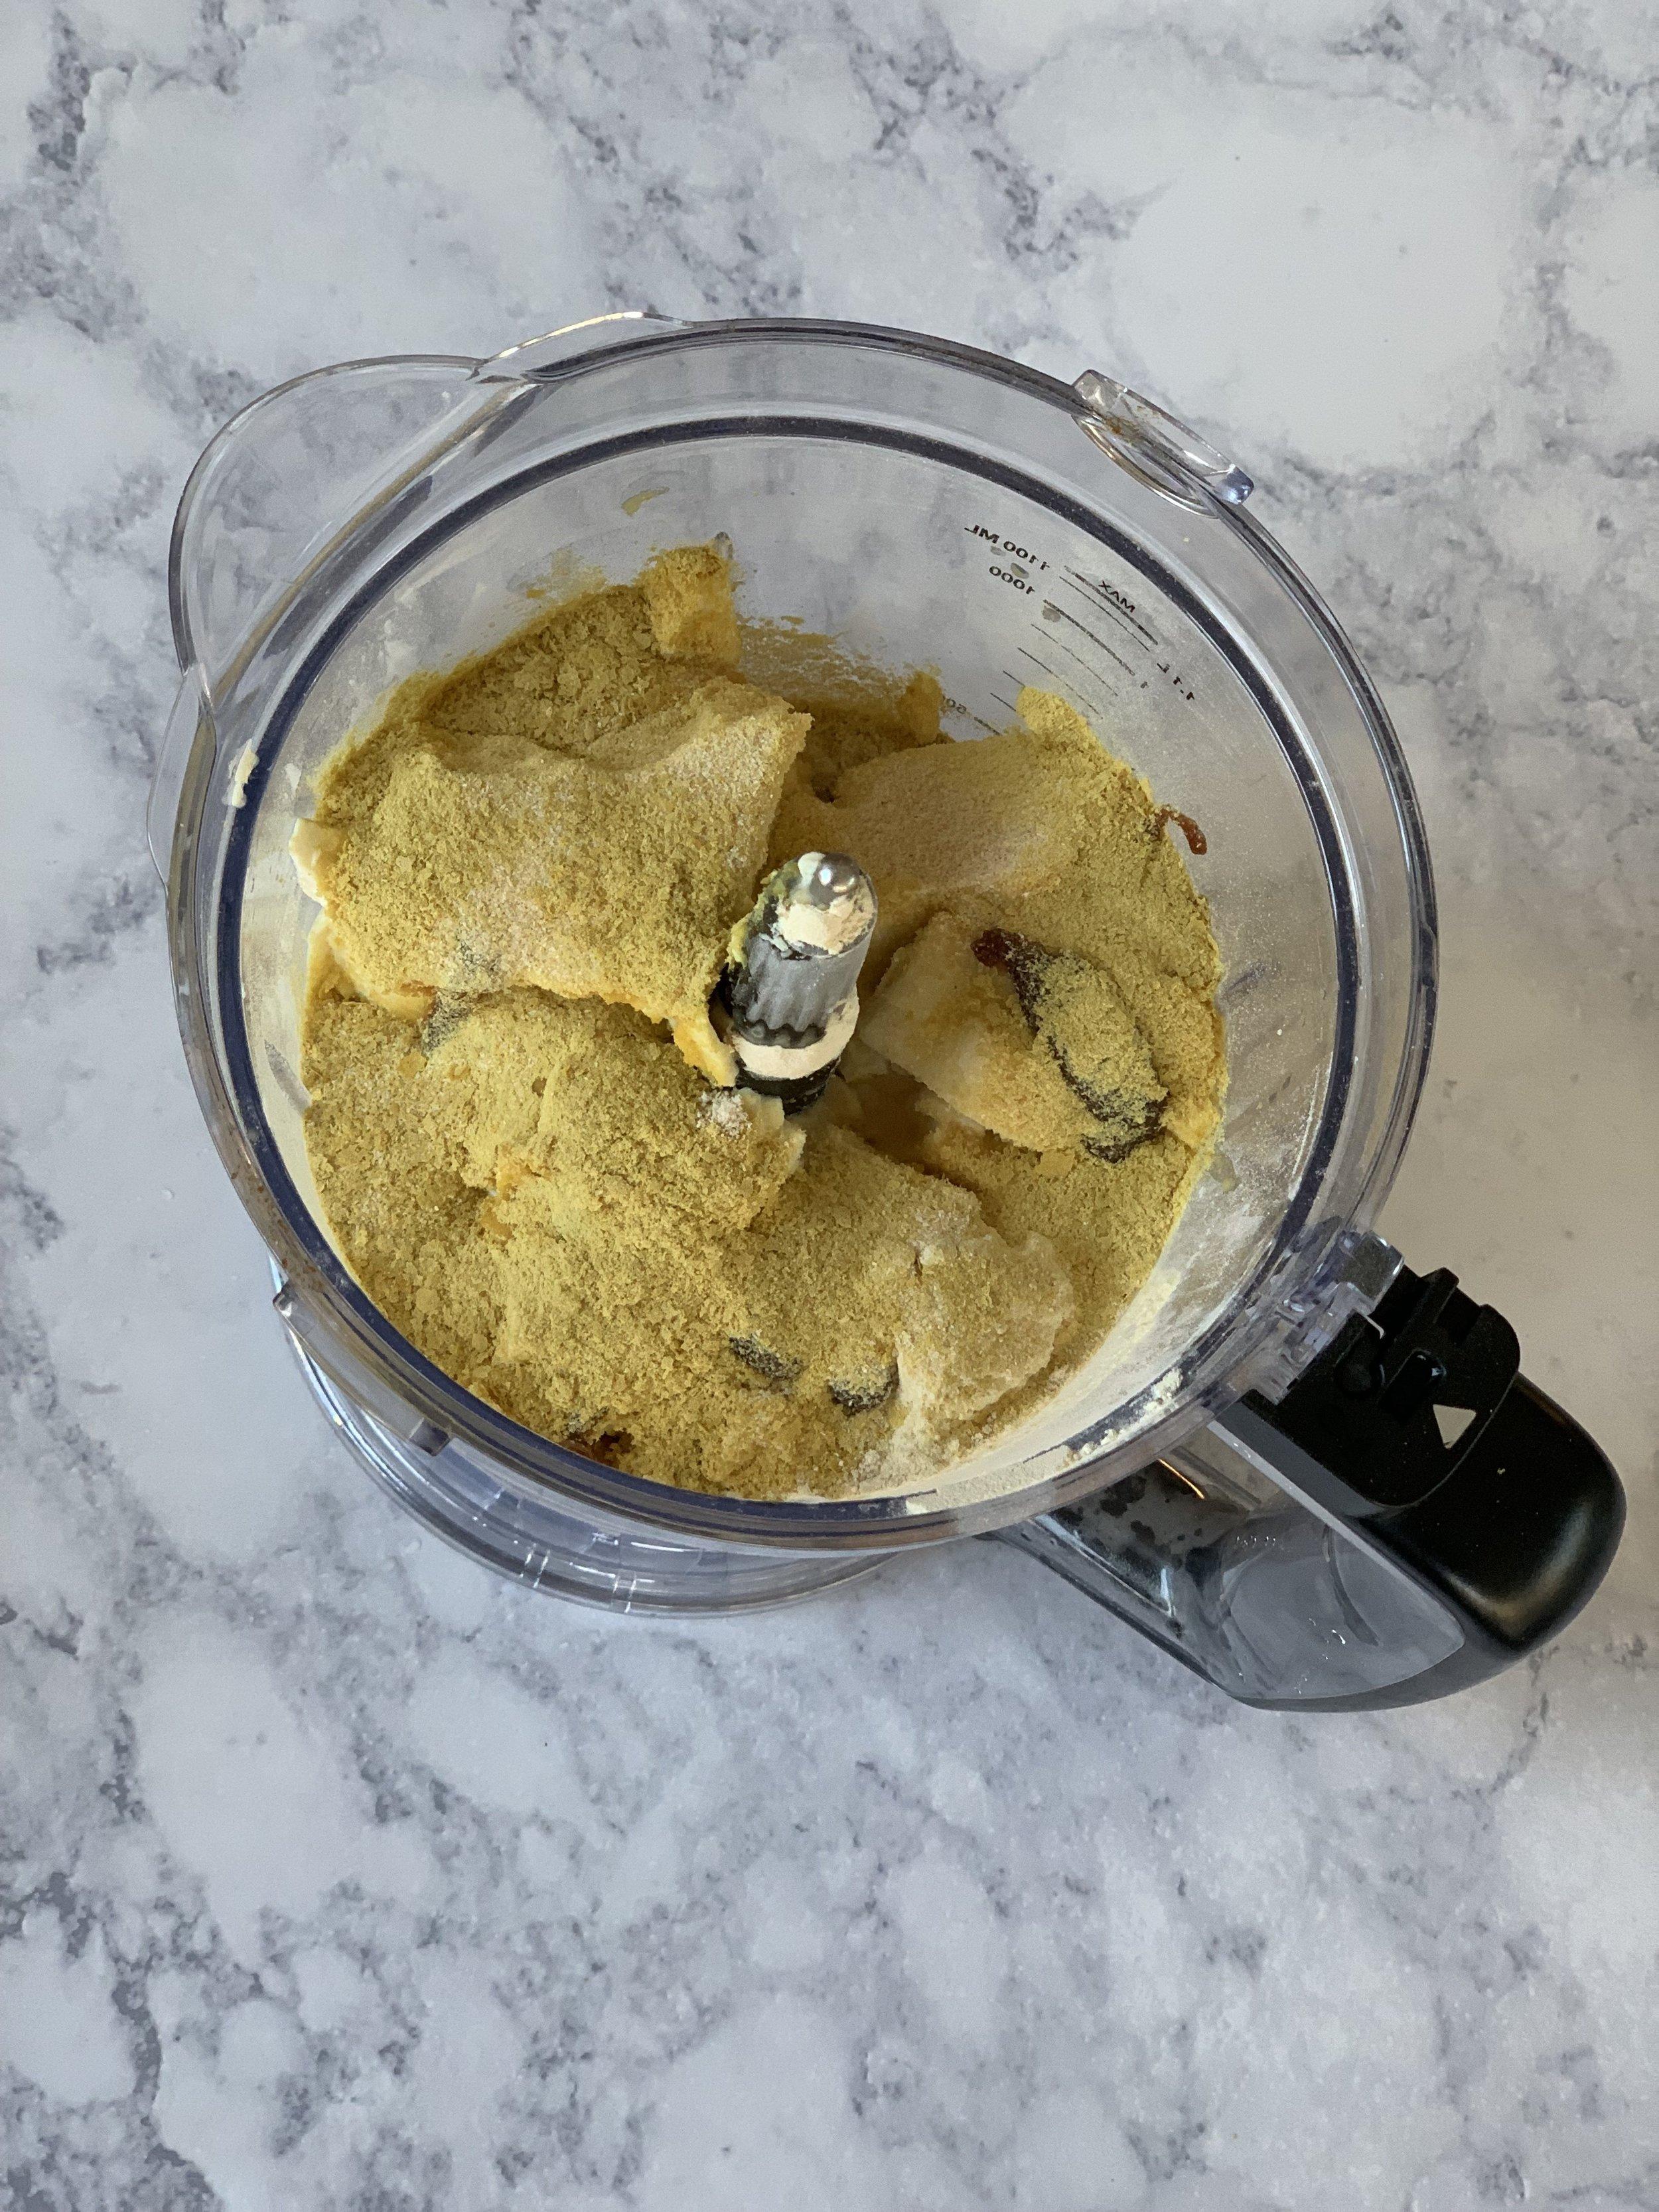 Vital Wheat Gluten, Water, Nutritional Yeast, Silken Tofu, vegetable broth, and seasonings